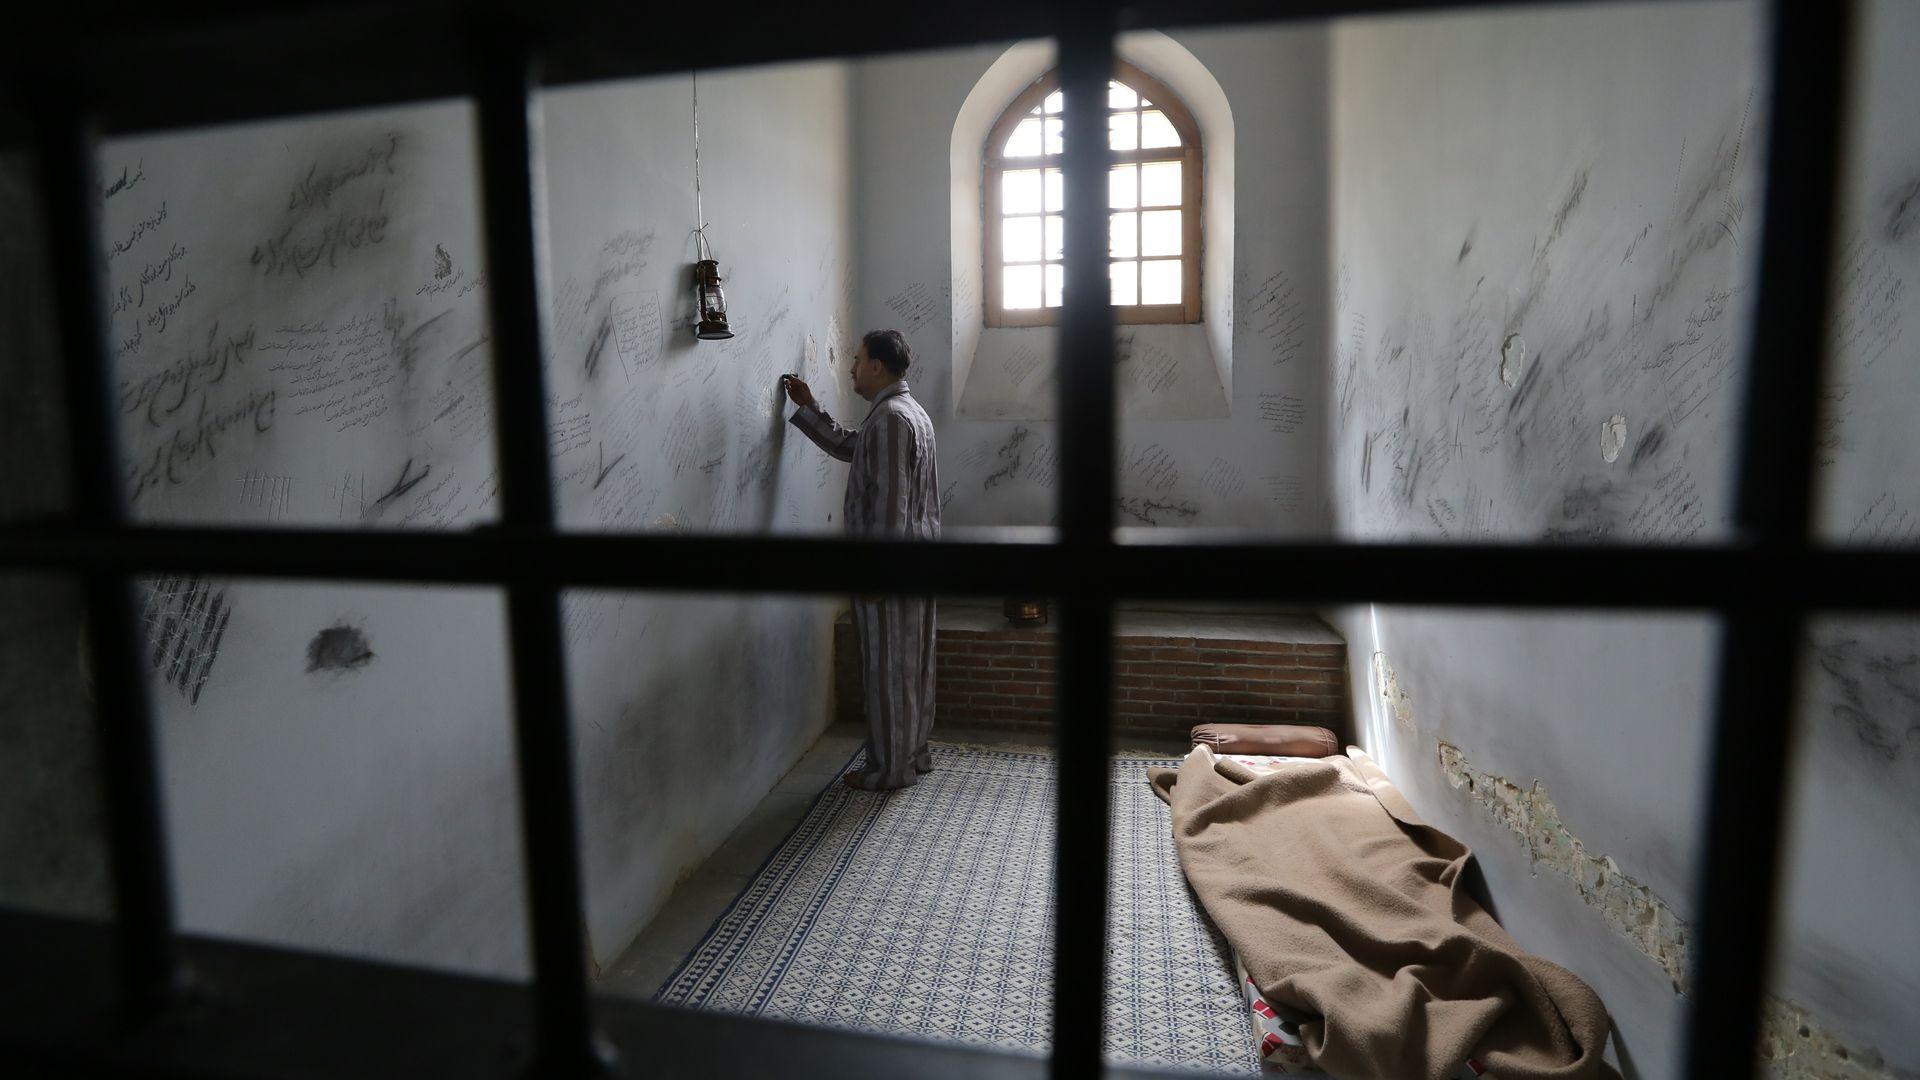 Prisoner in Iran